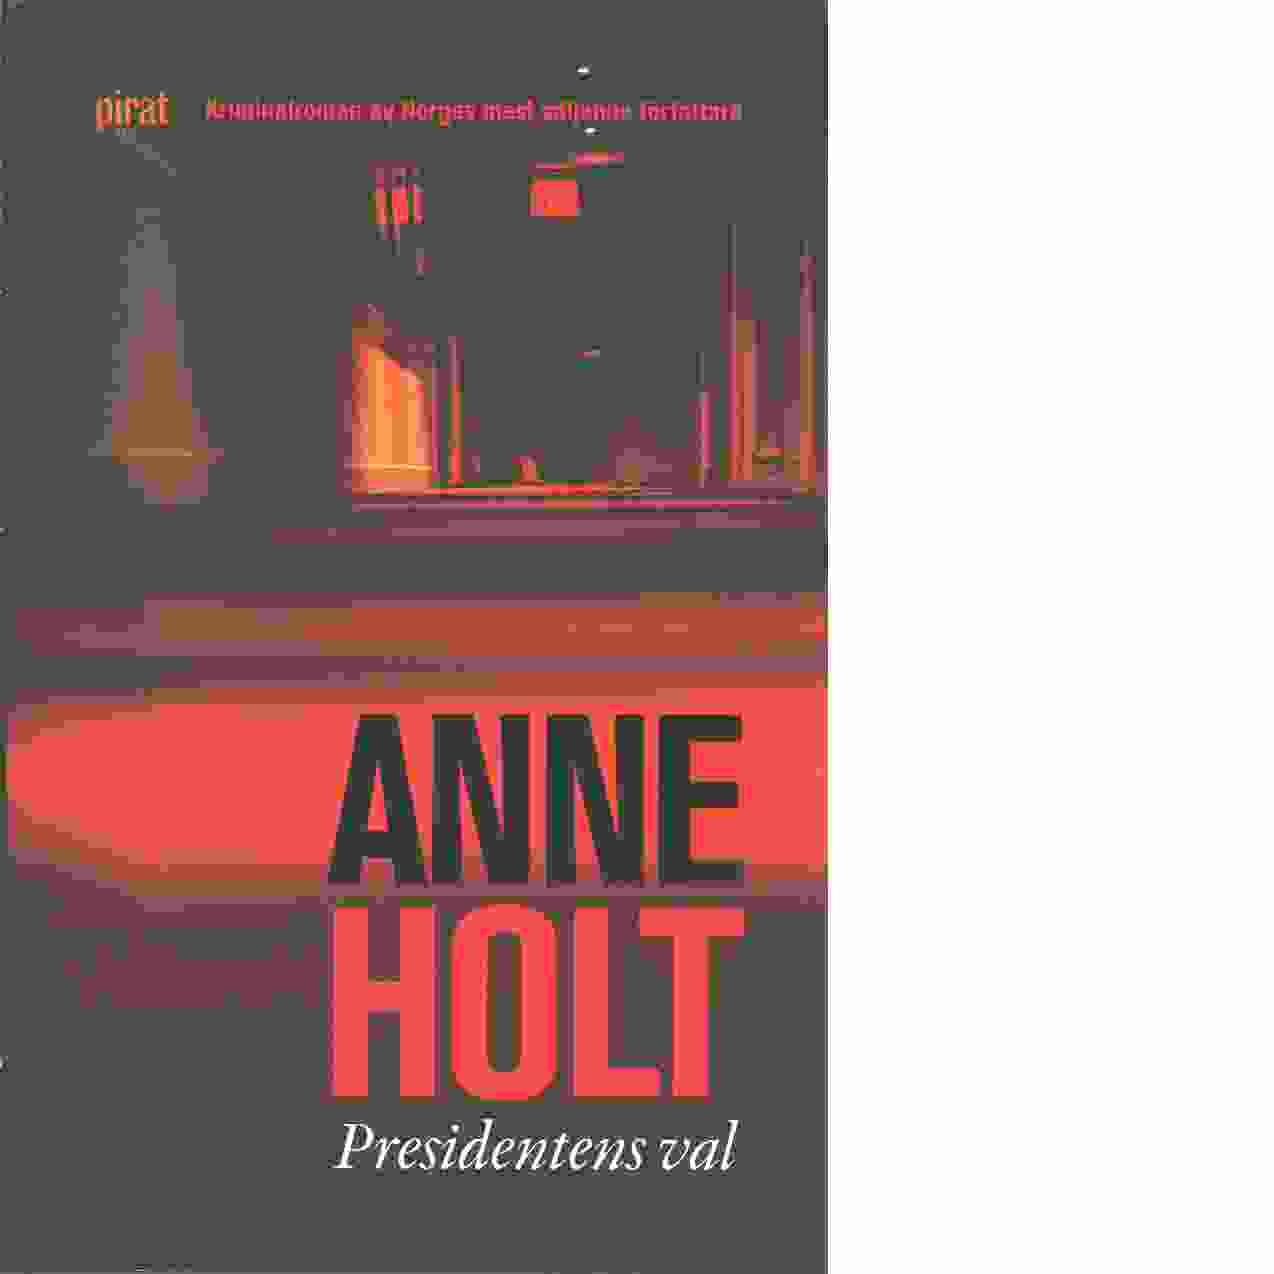 Presidentens val - Holt, Anne